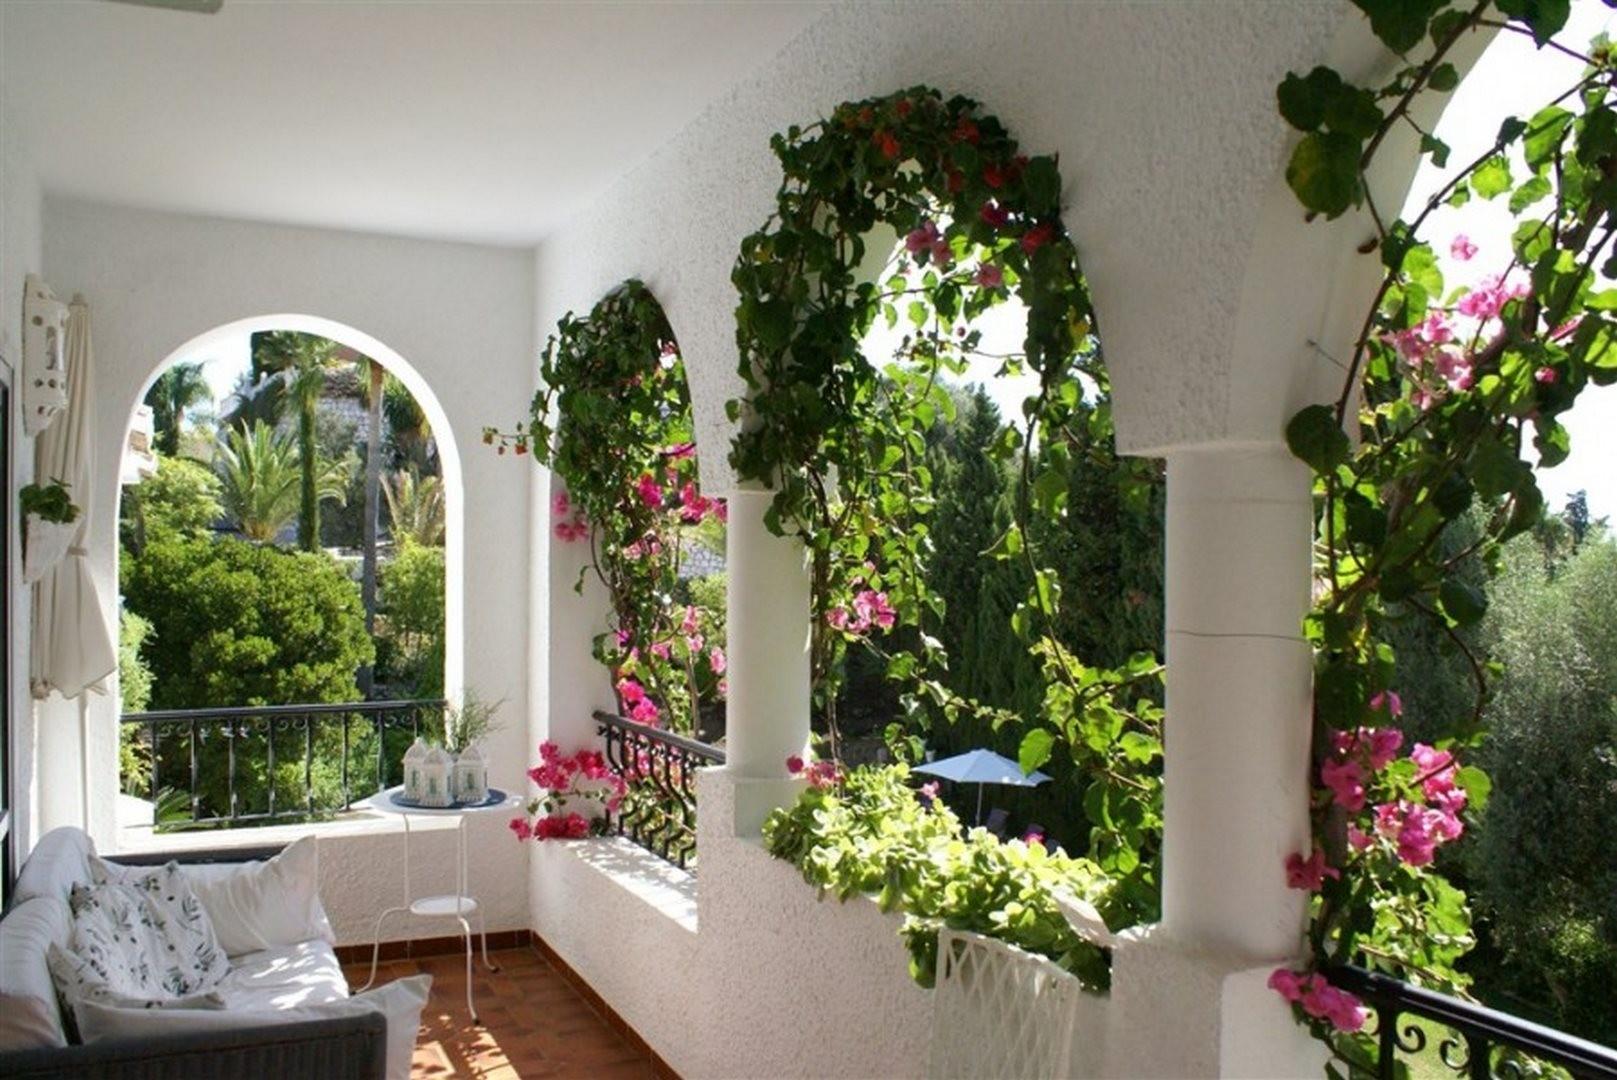 Villas in mijas costa v6219 fu villa 3 dormitorios mijas - Costa muebles mijas ...